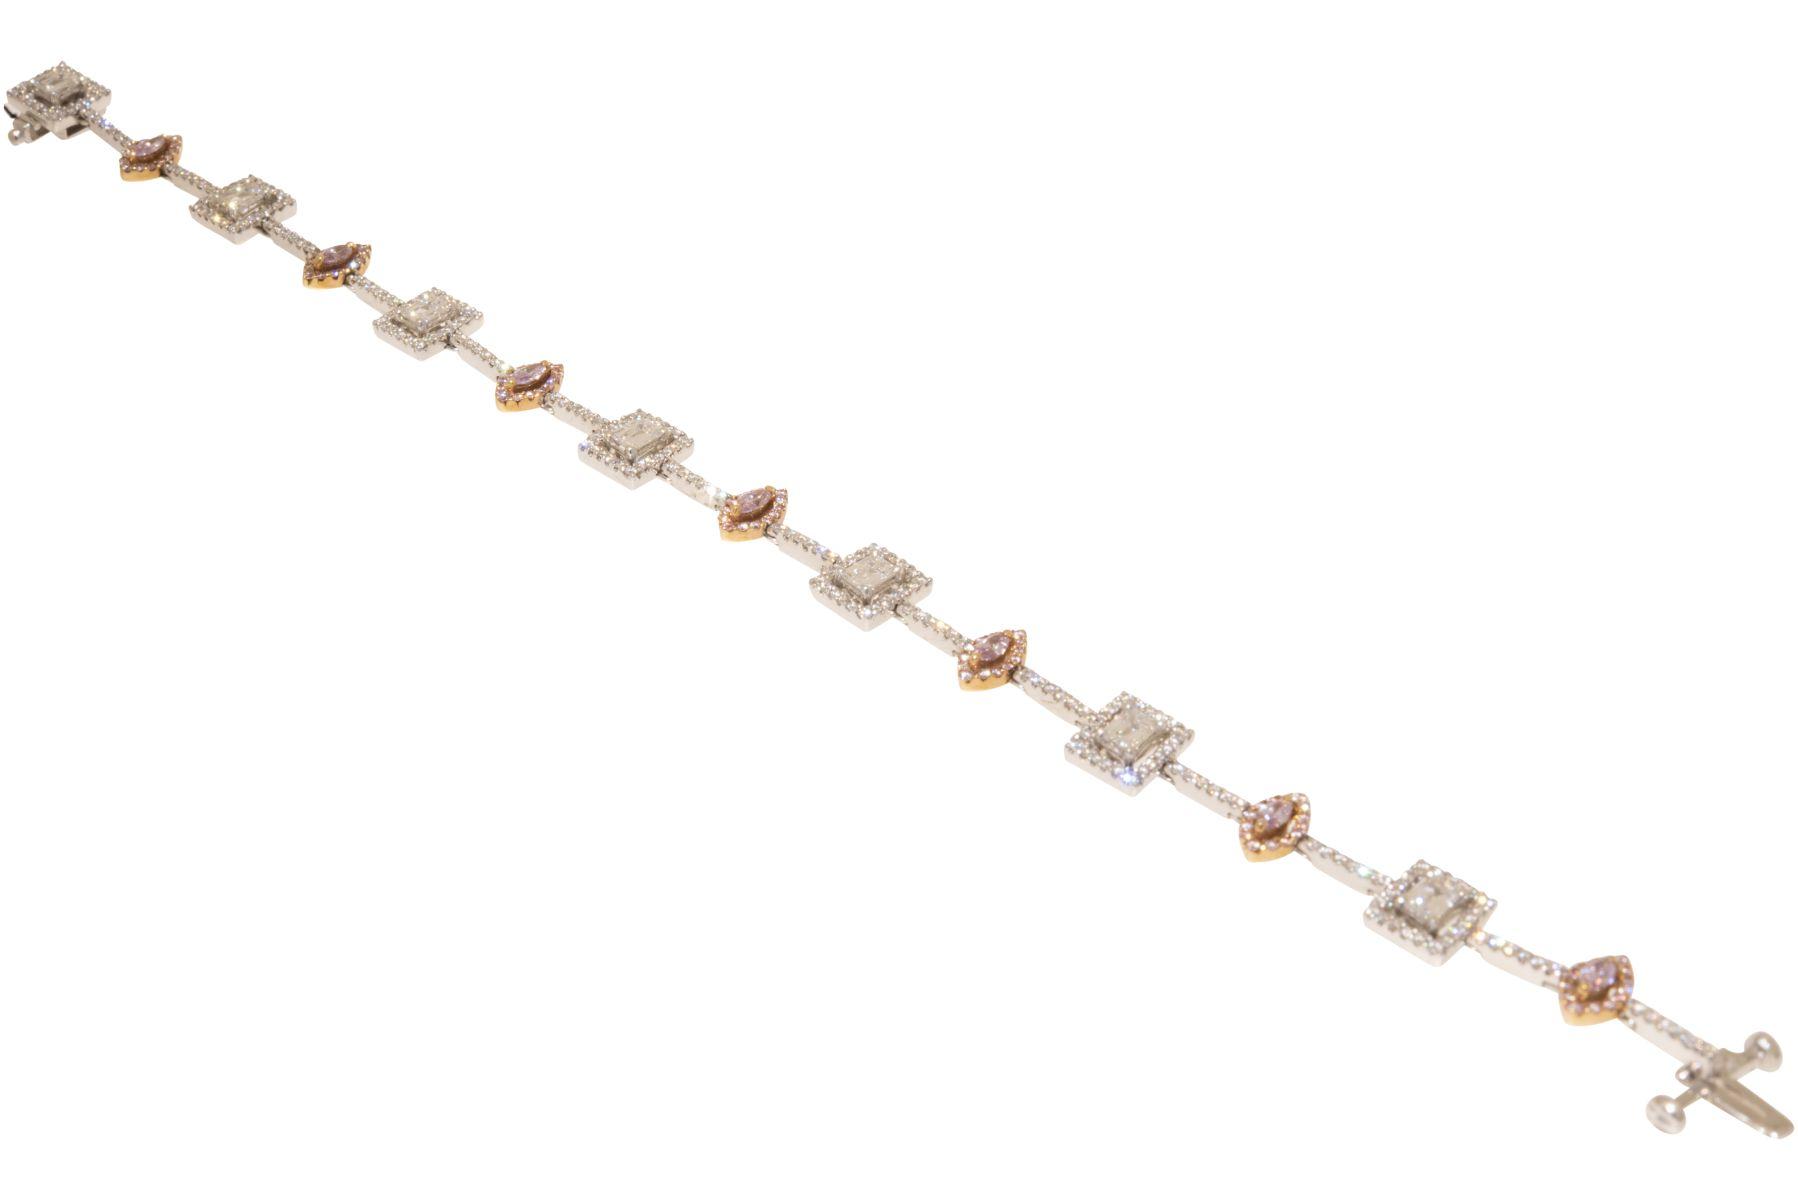 #131 Bracelet | Armband Image